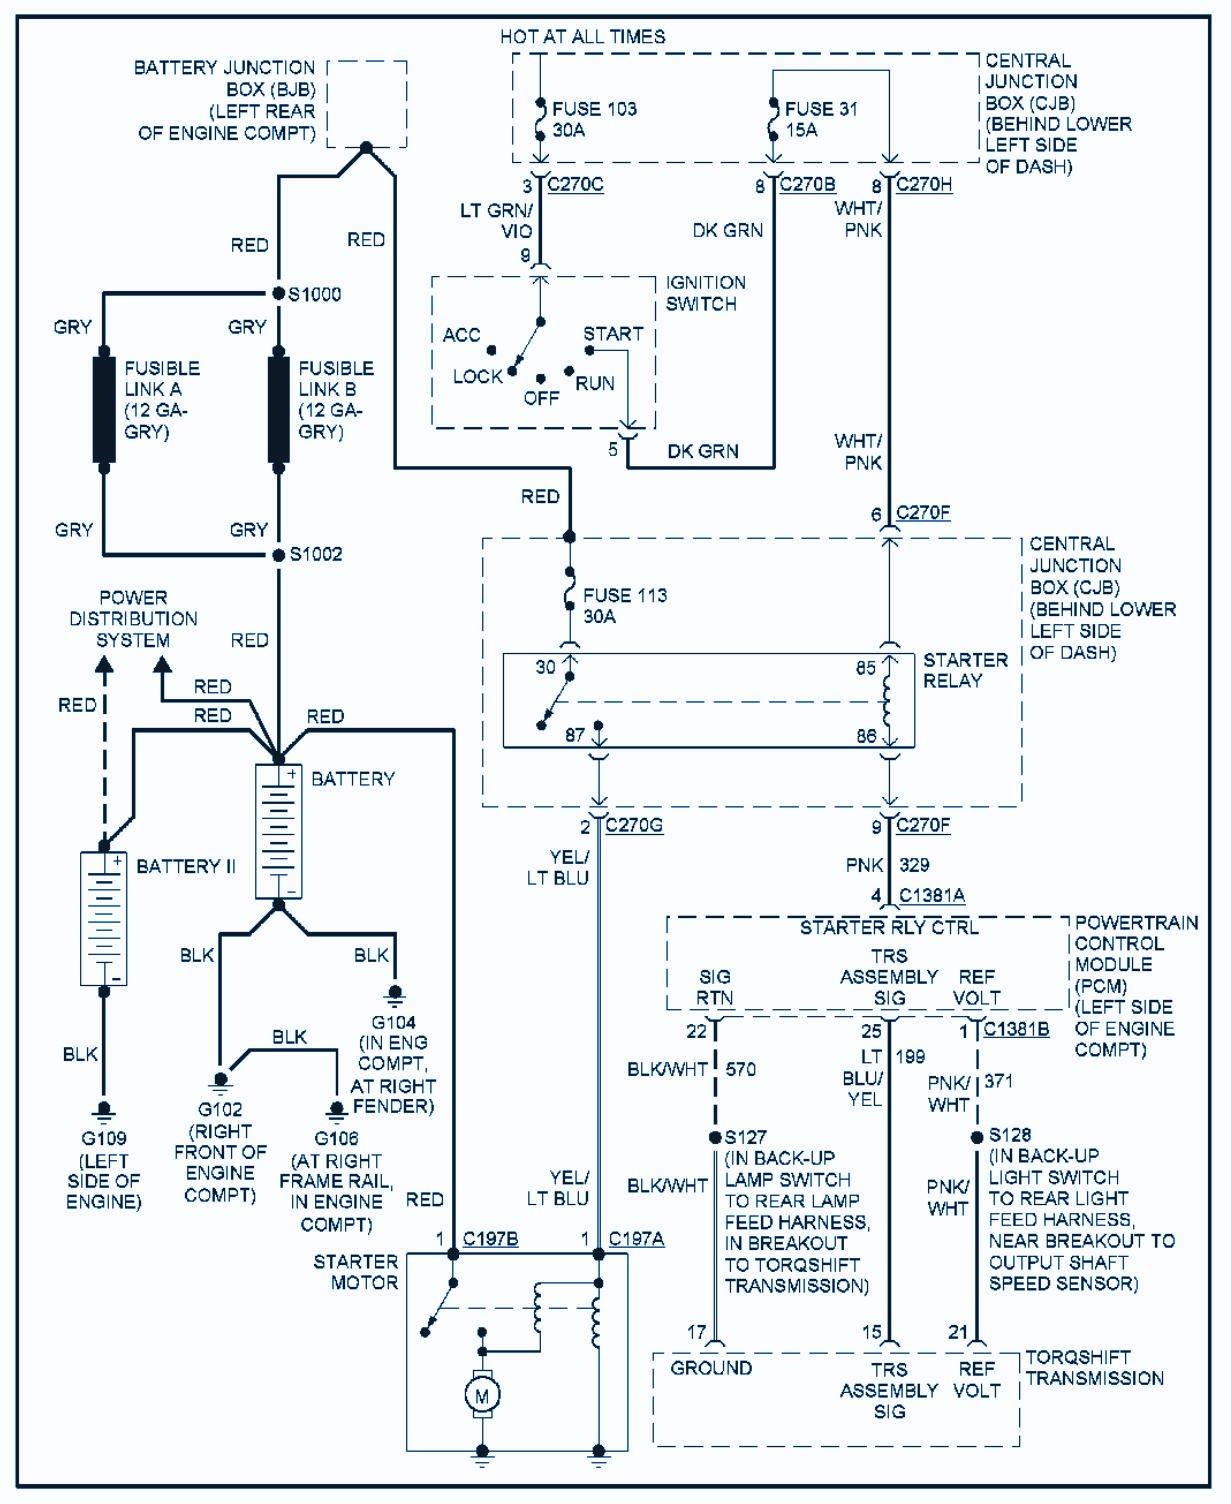 2014 Ford F550 Wiring Schematics - Wiring Diagram •